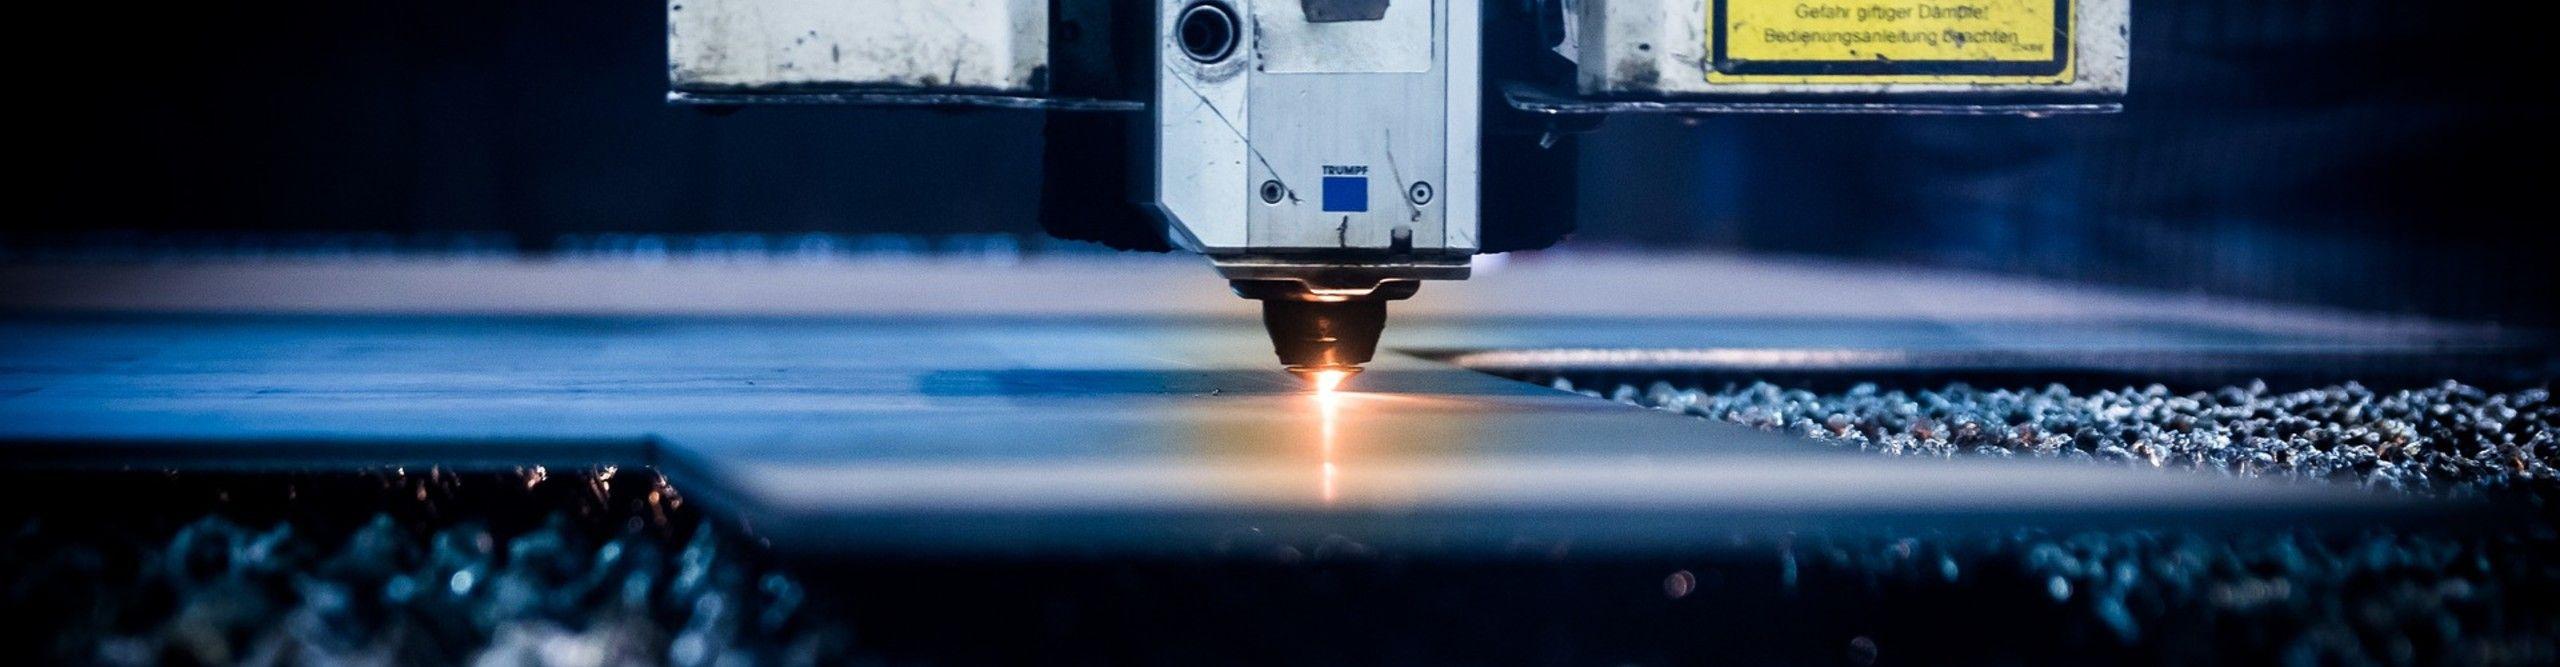 Blaue. technologische Platine mit Prozessor